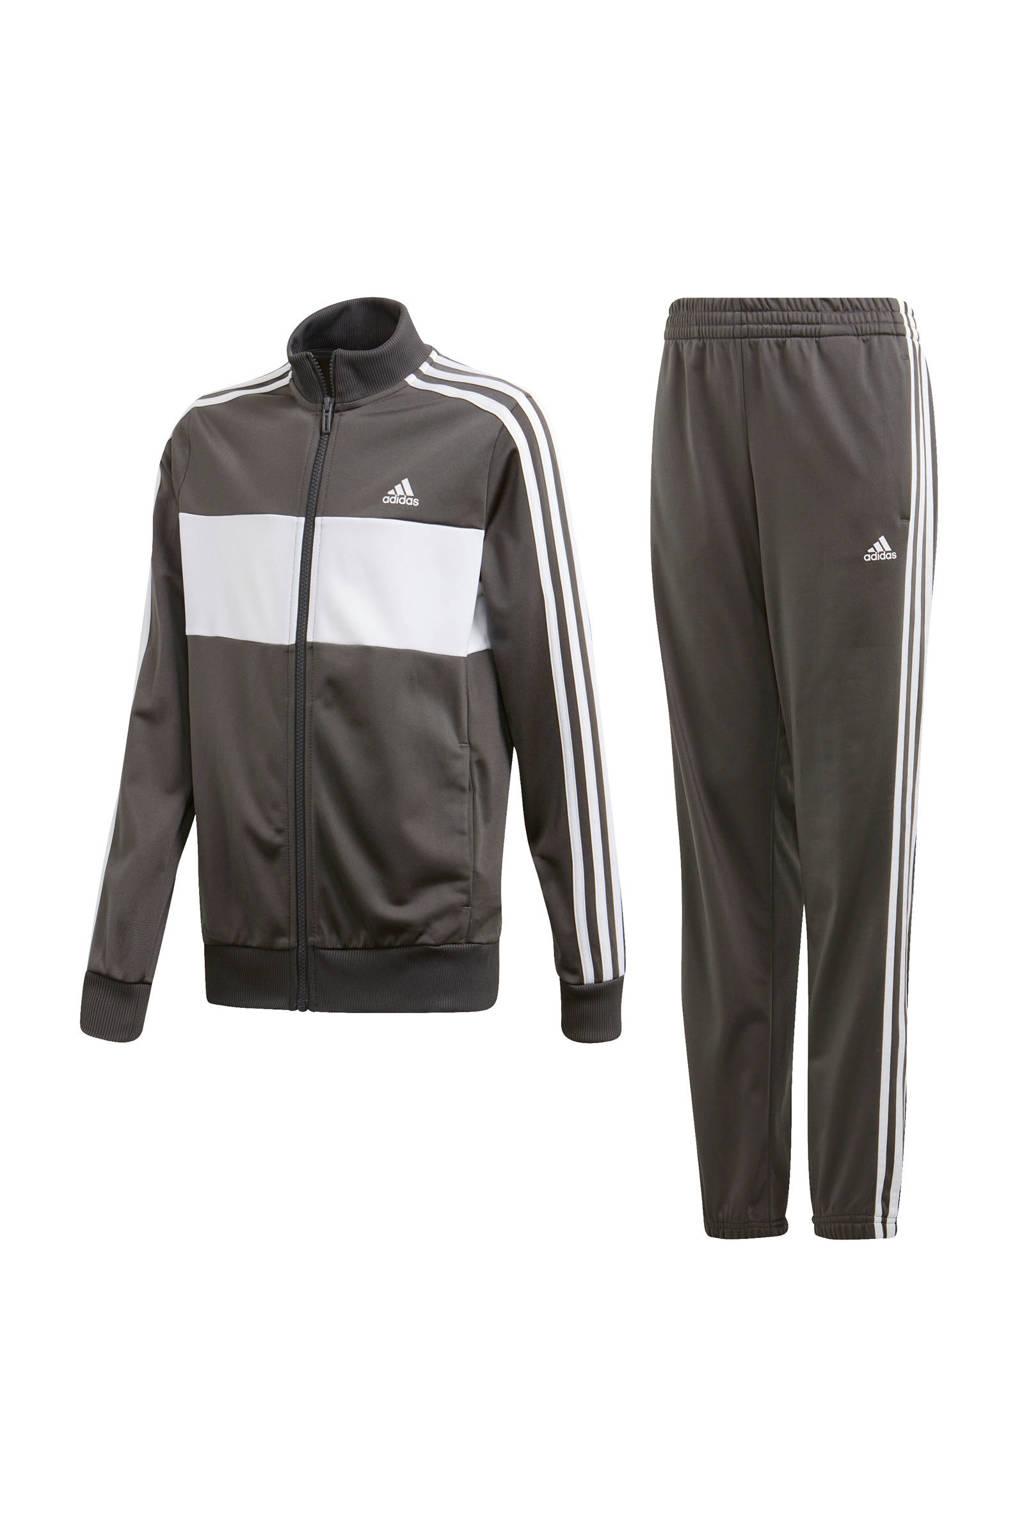 adidas Performance   trainingspak grijs/wit, Grijs/wit